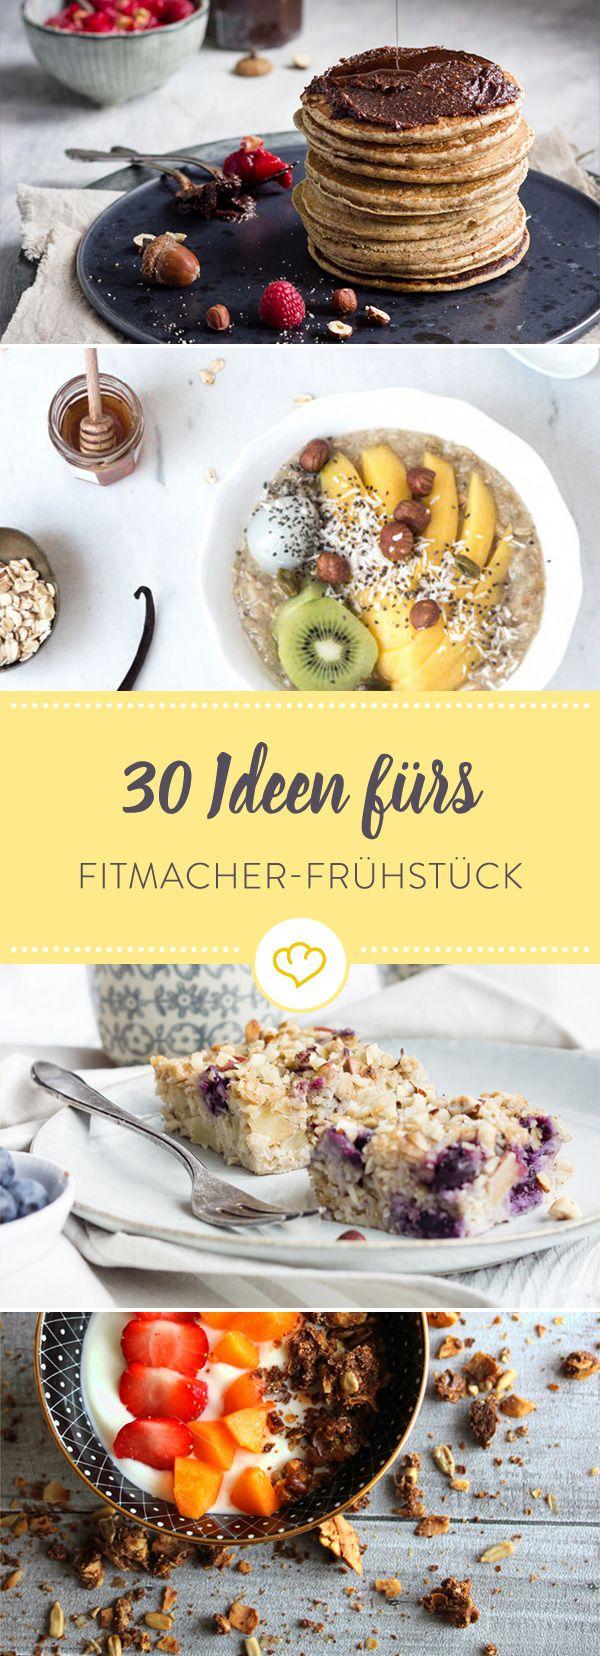 Gesundes Frühstück: Mit 30 Ideen fit, gesund und lecker in den Tag starten